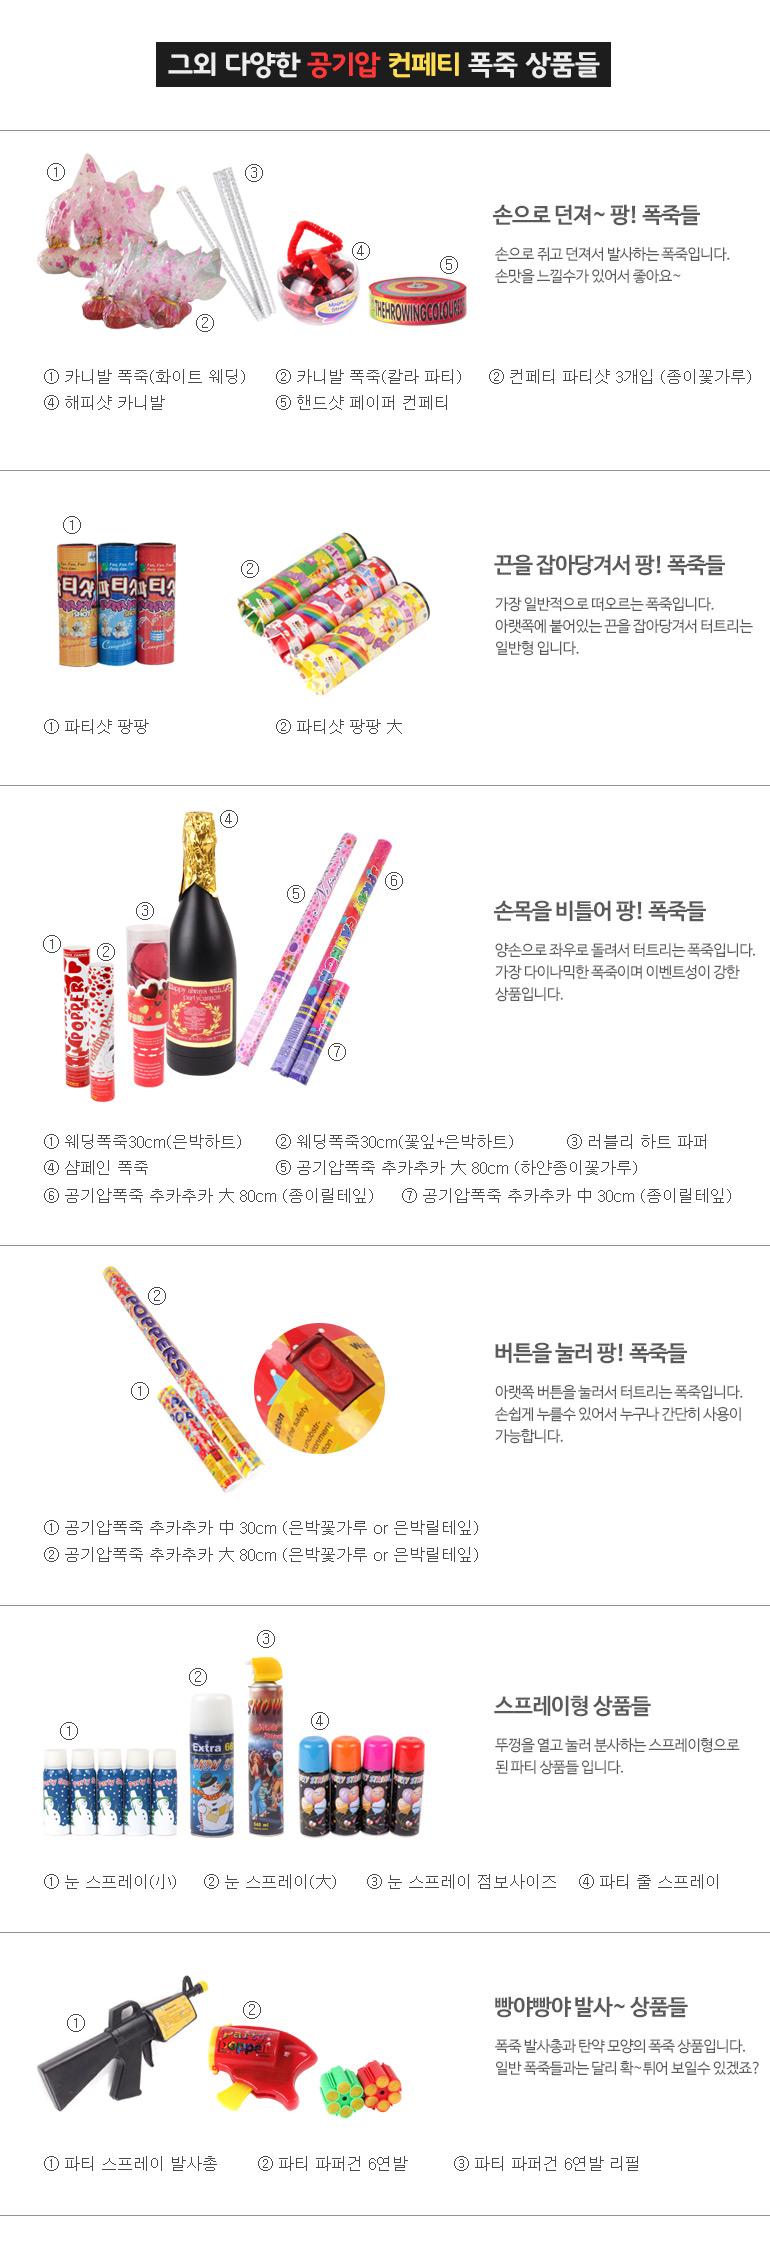 파티샷 팡팡 (3개입) - 스투피드, 2,000원, 파티용품, 양초/폭죽